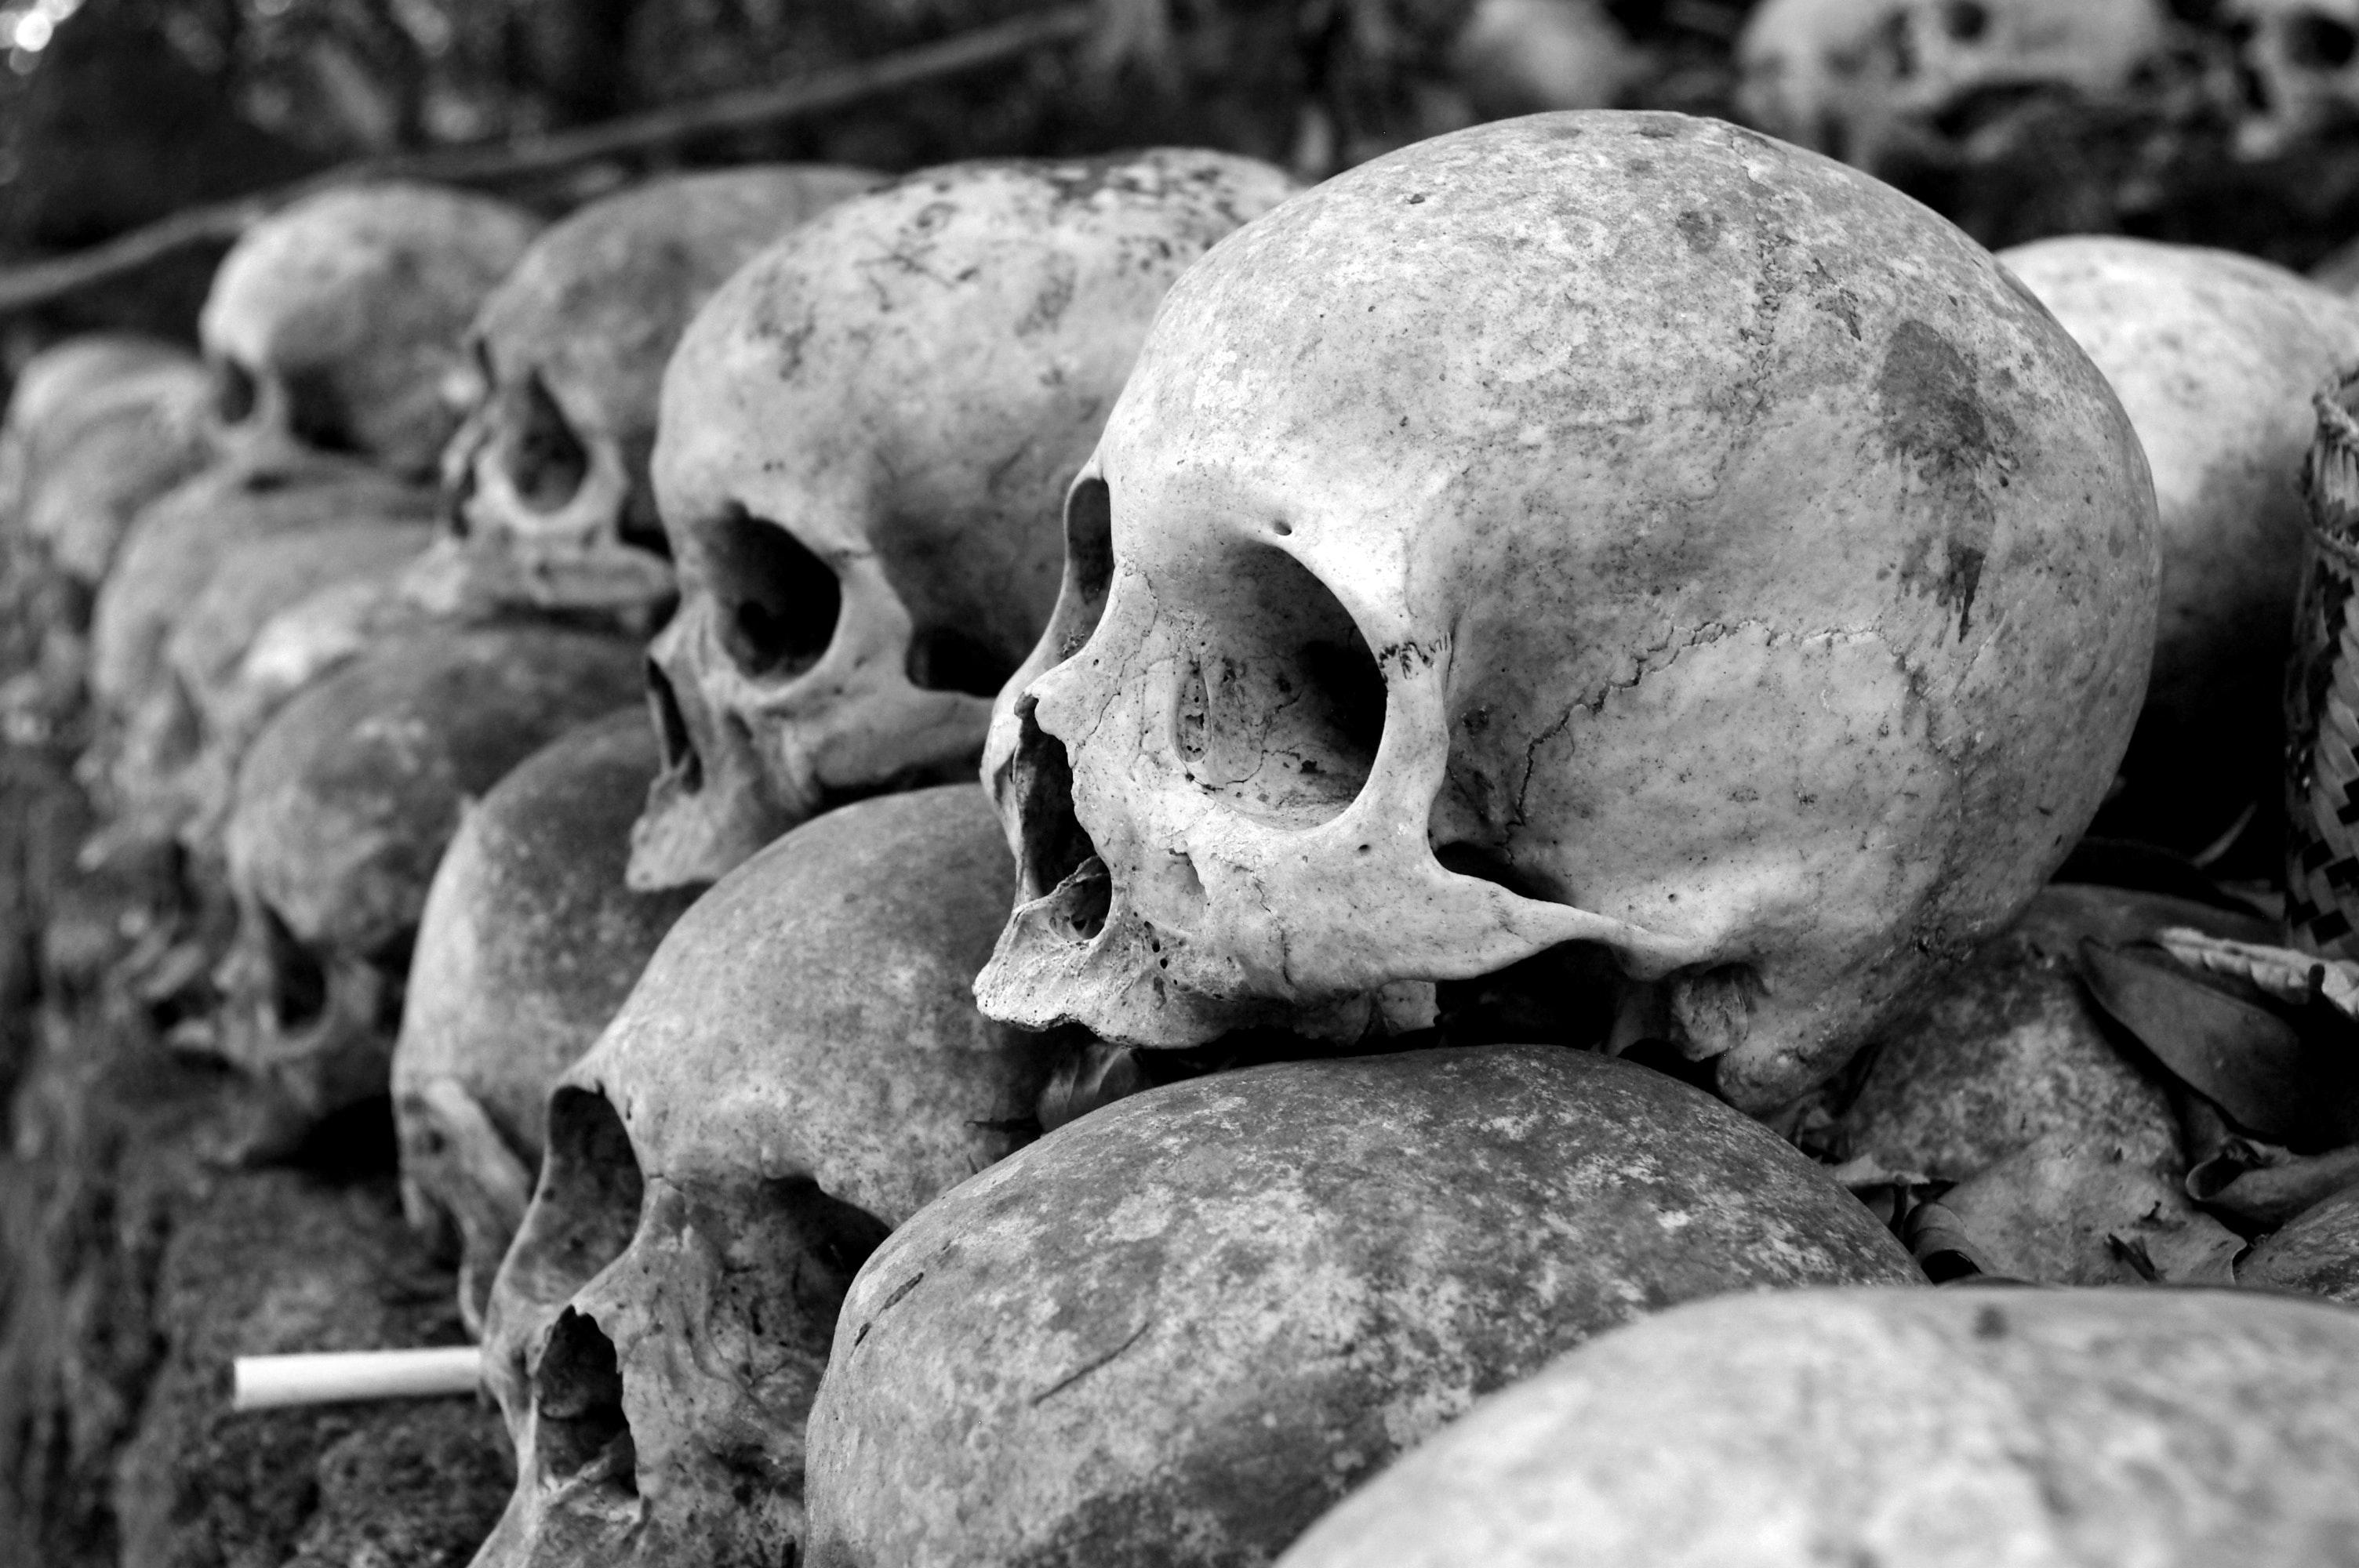 Piotr Skarga pochowany żywcem?